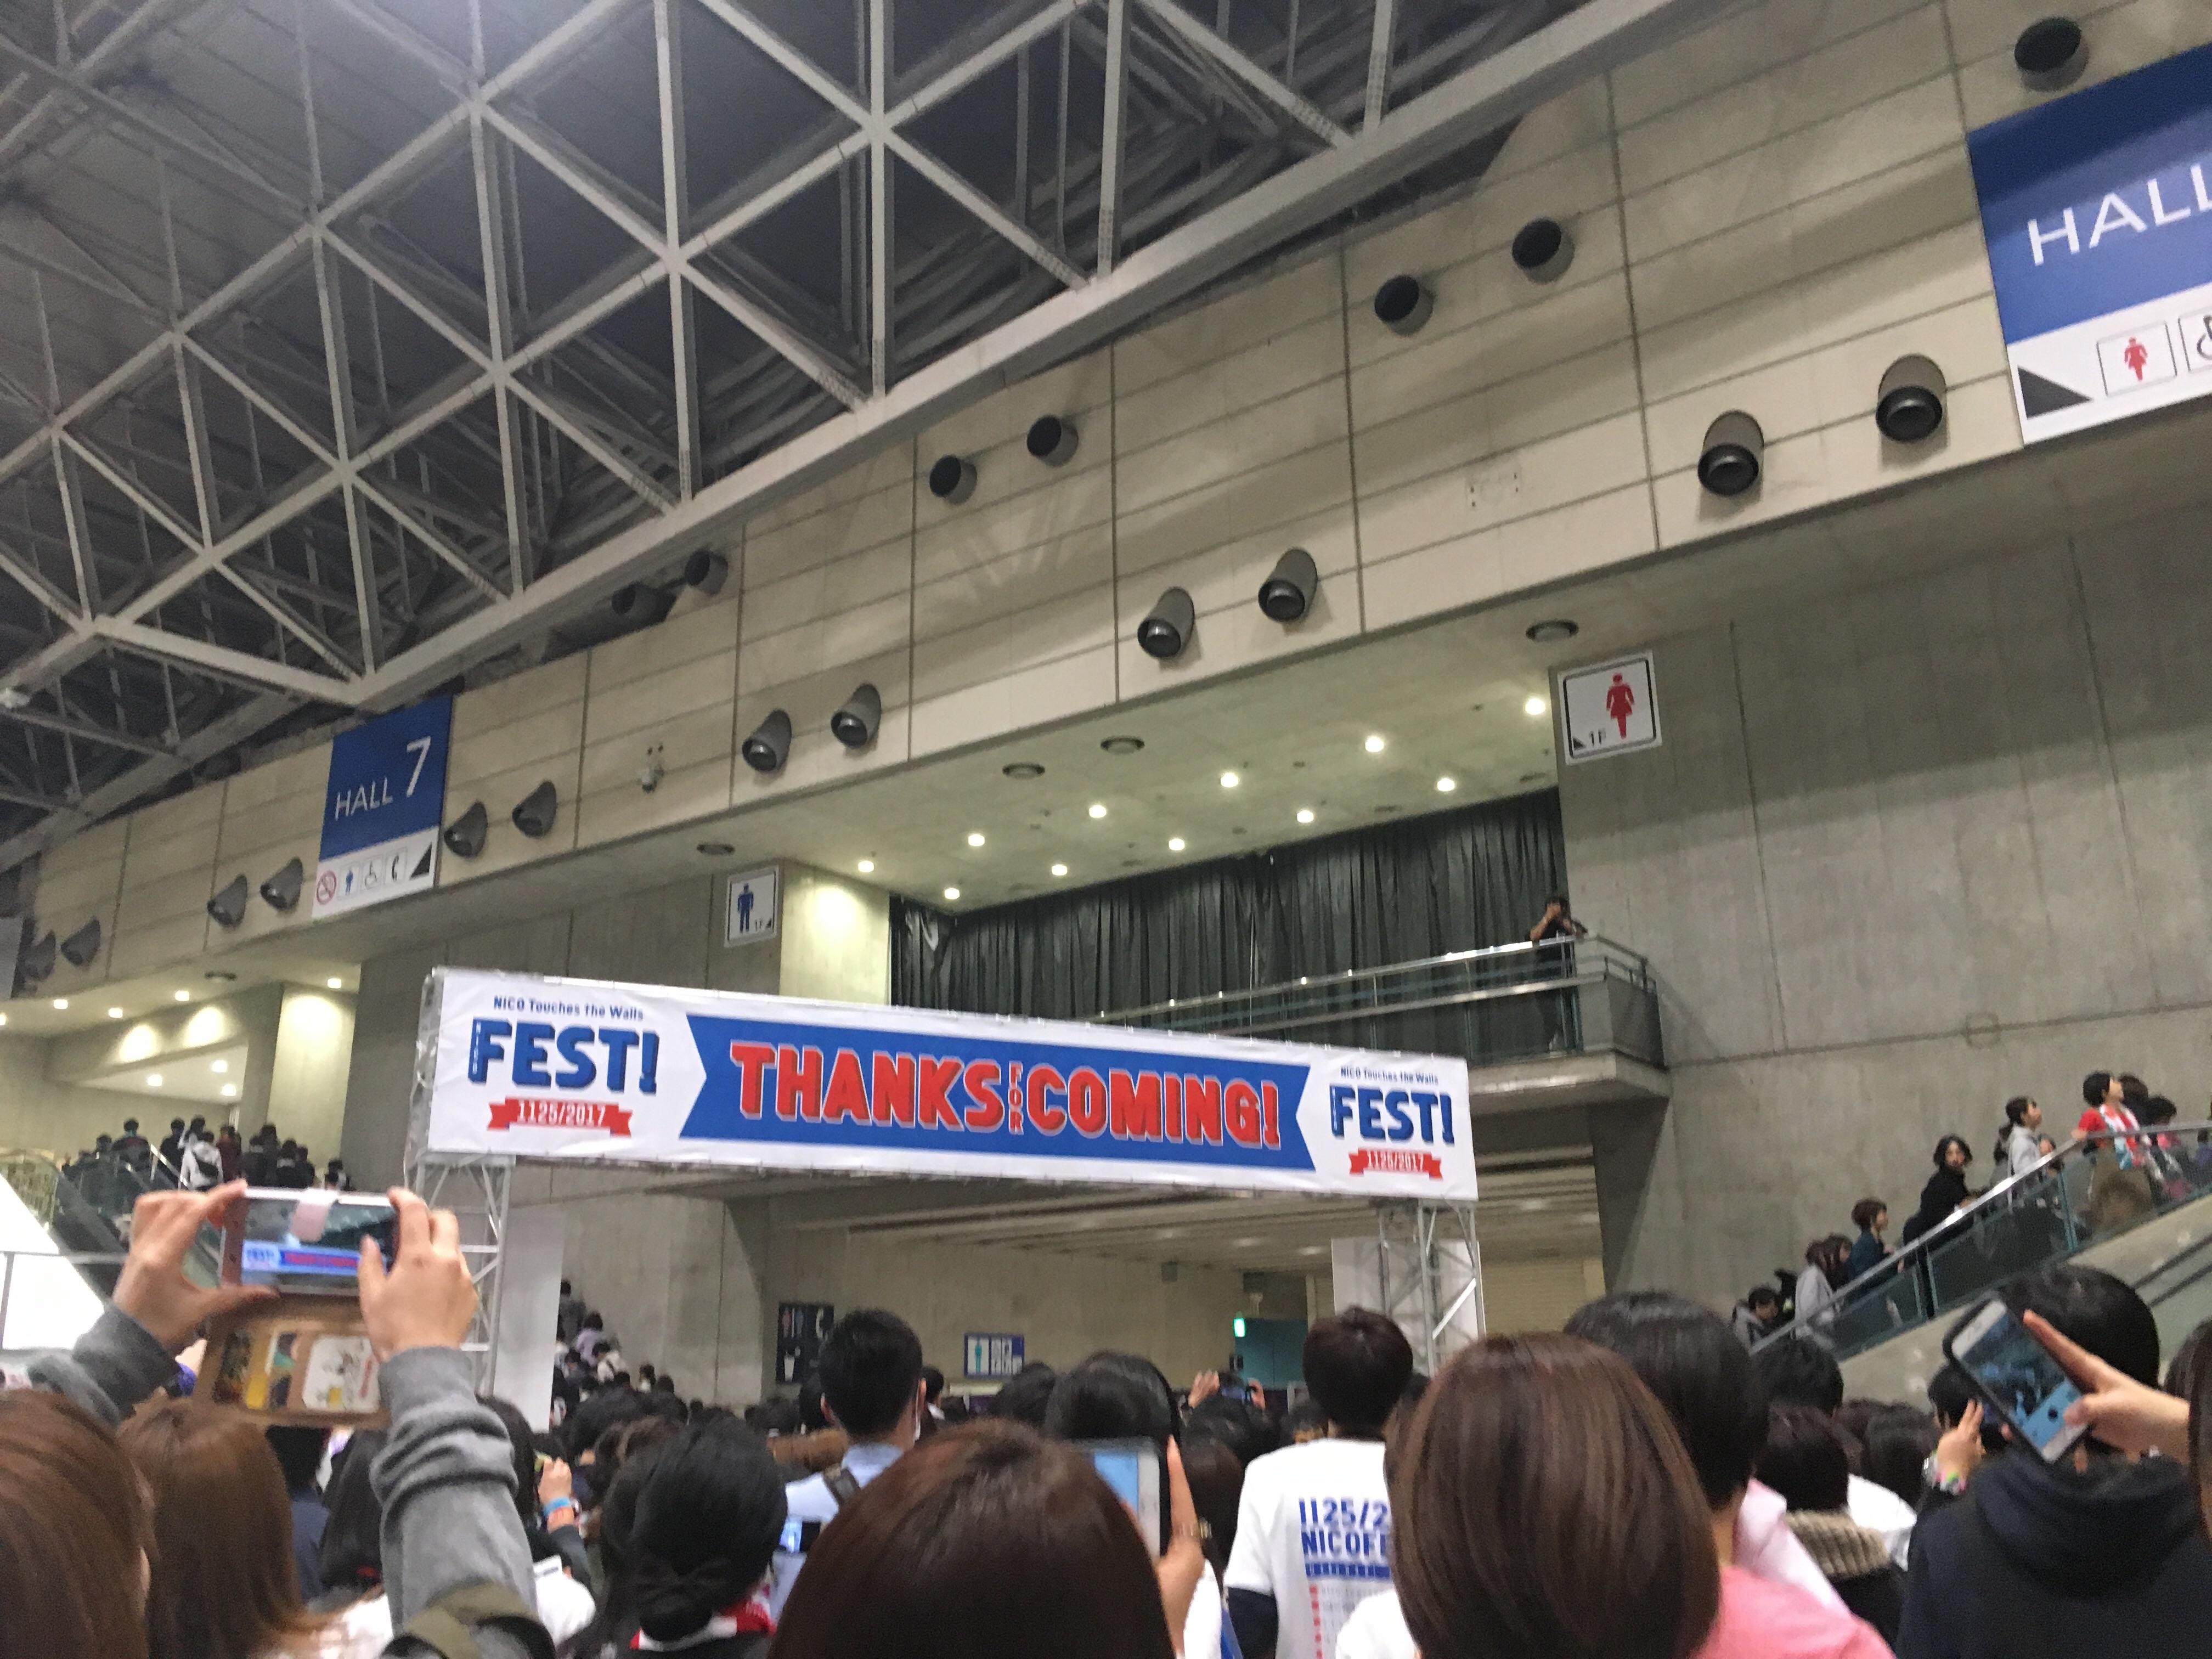 f:id:fujiusg:20171126172822j:image